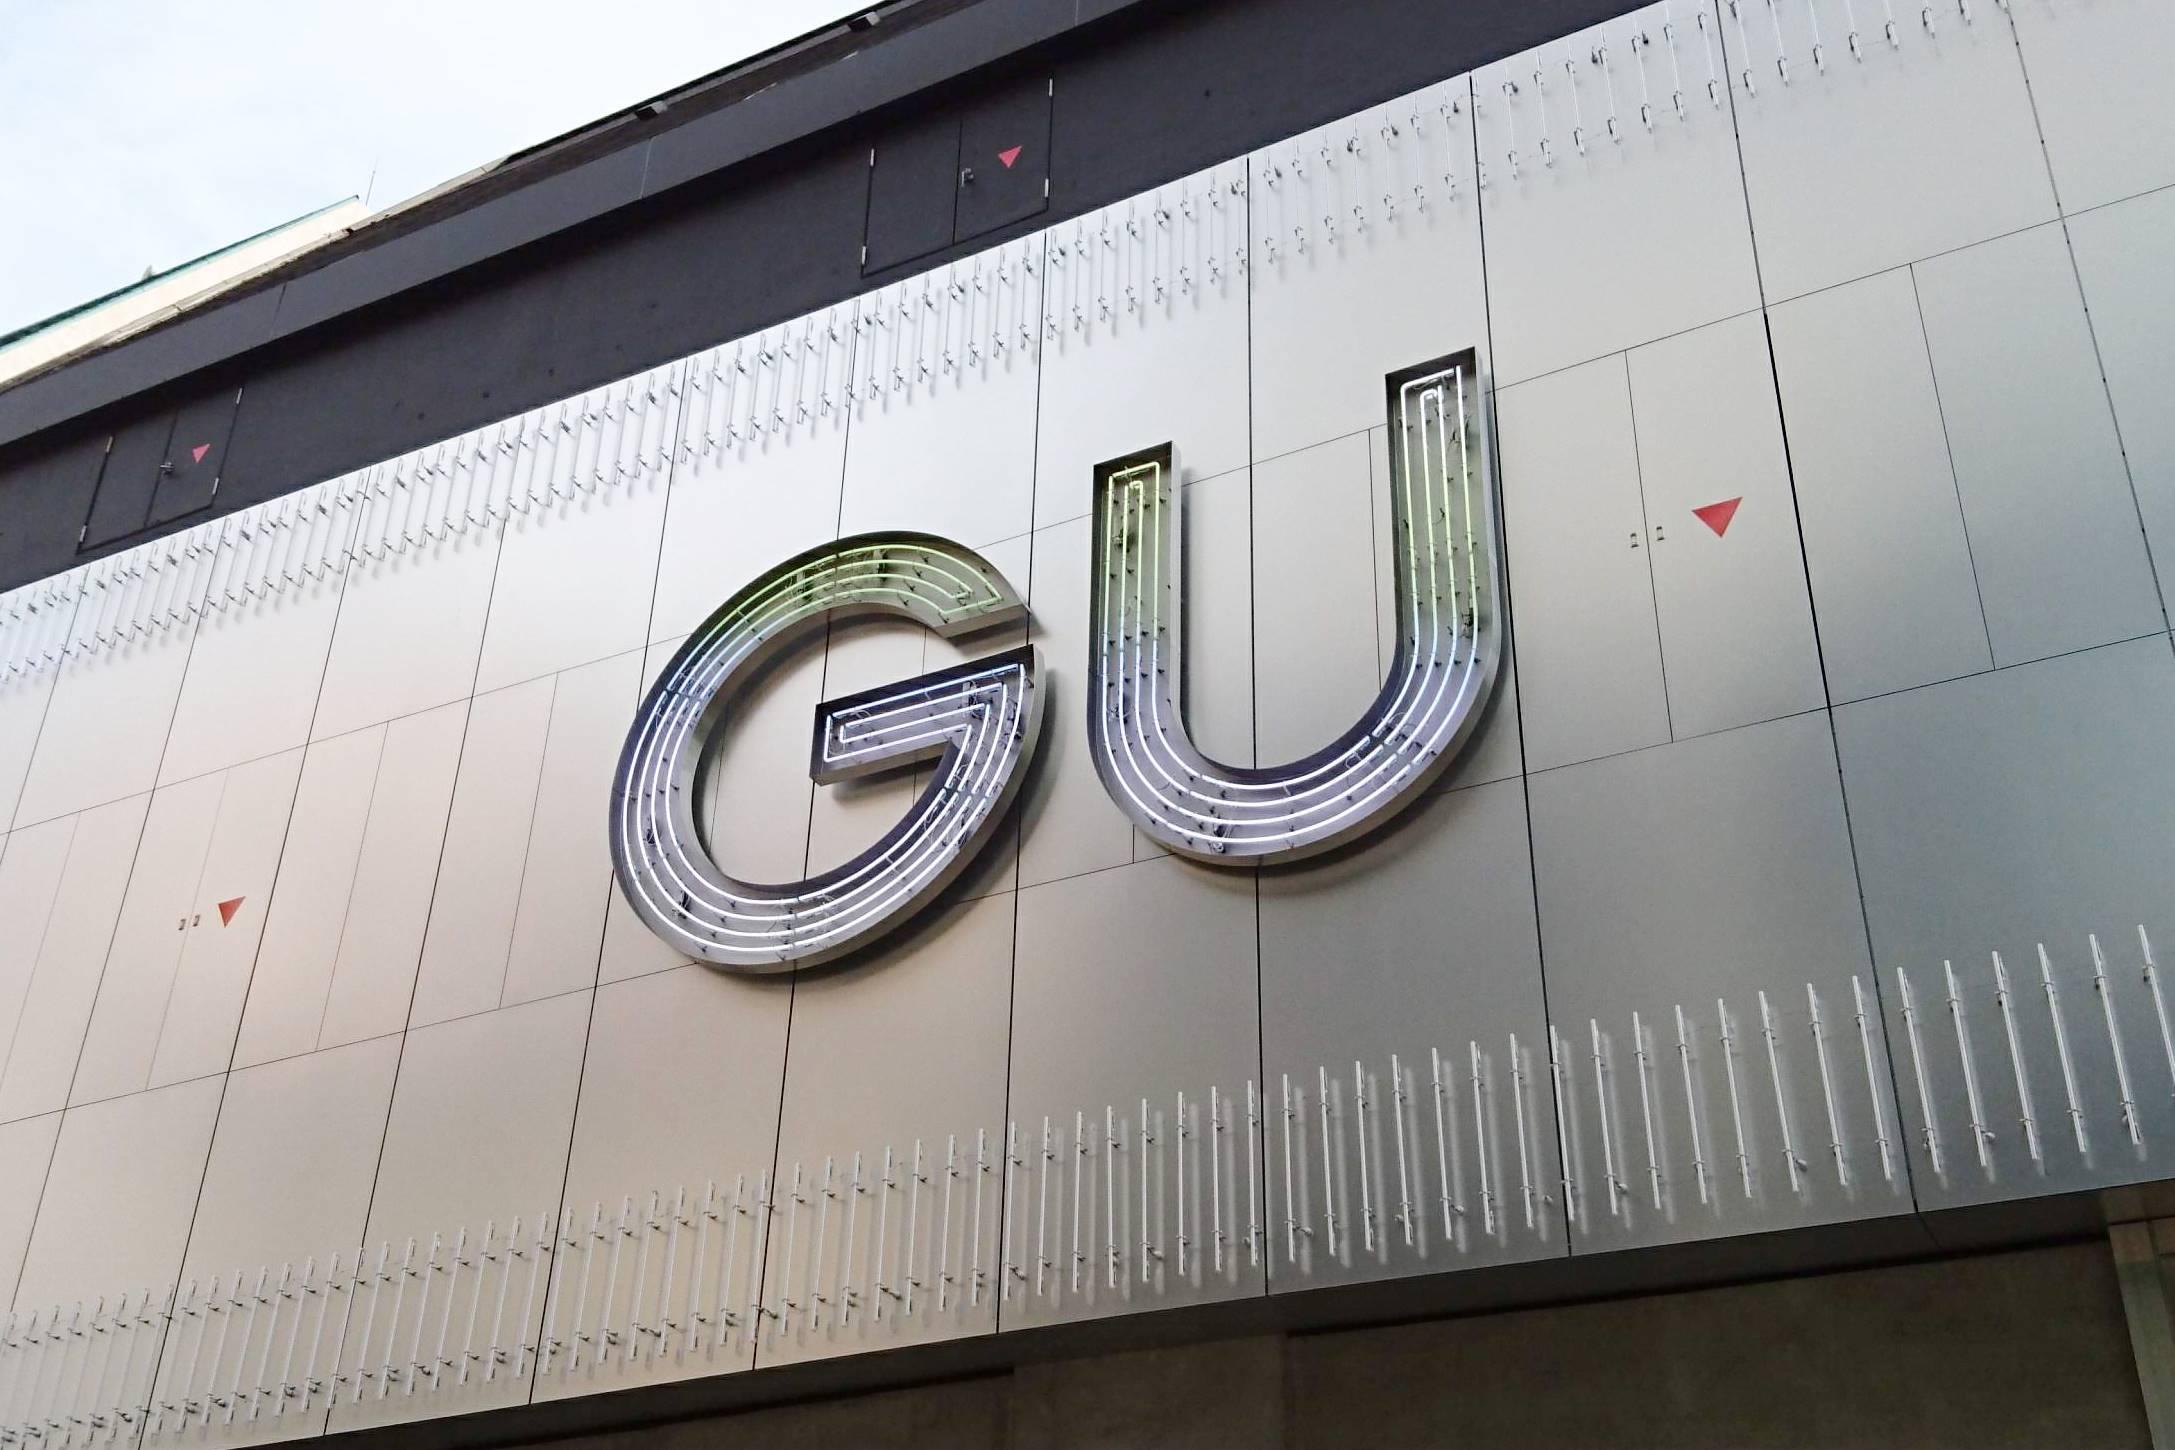 【GU】でいつでも自然体な私を作る3000円以下#神デニム3選